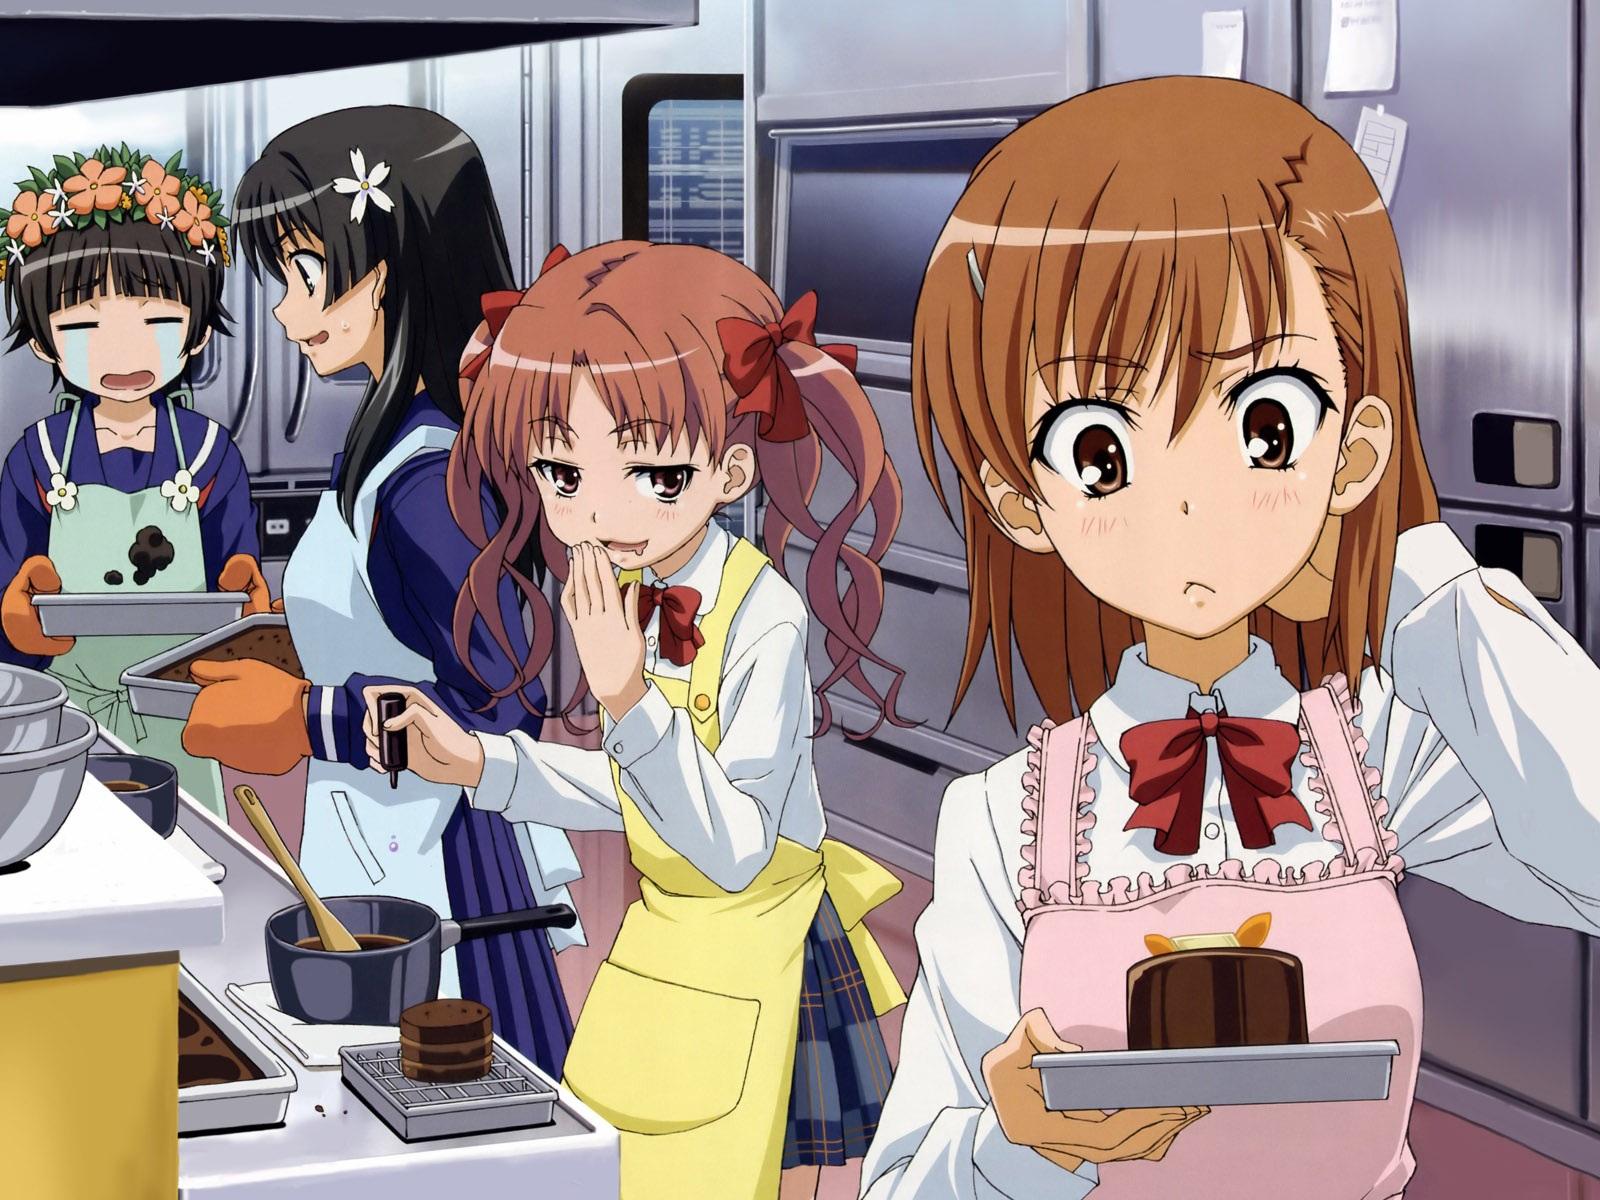 las chicas de anime en la cocina fondos de pantalla